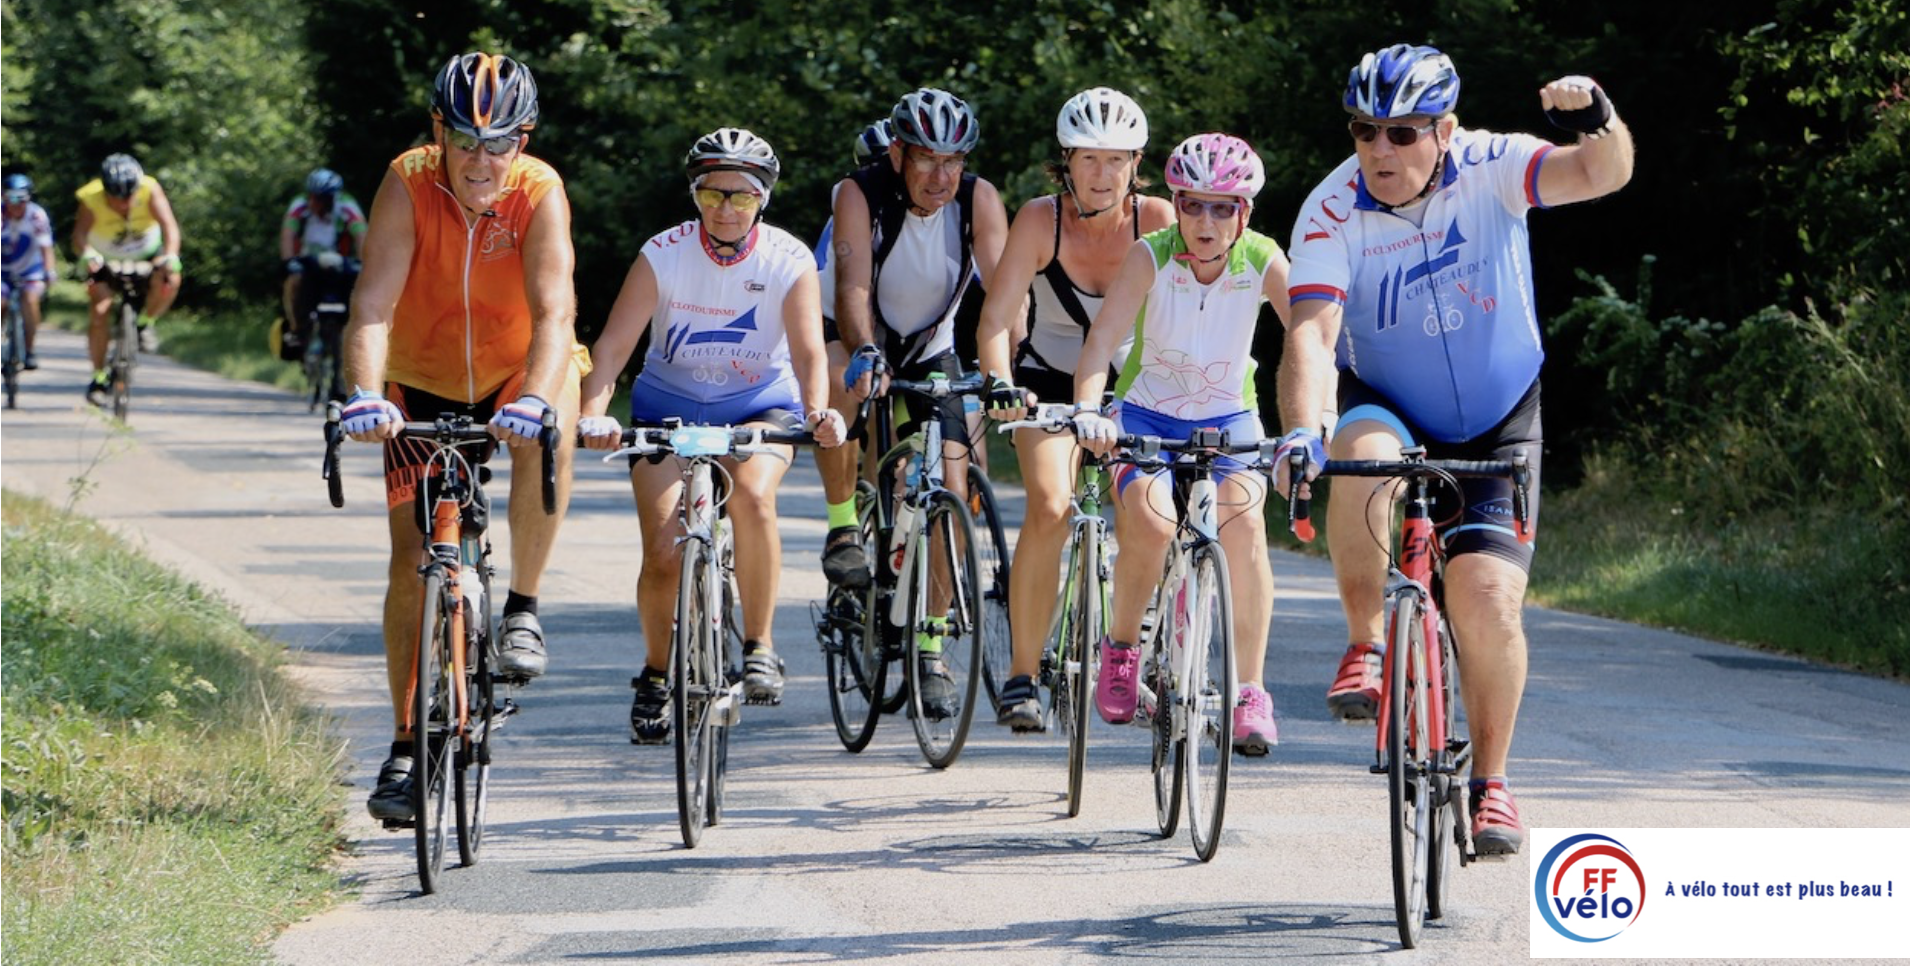 Le cyclotourisme à Chateaudun